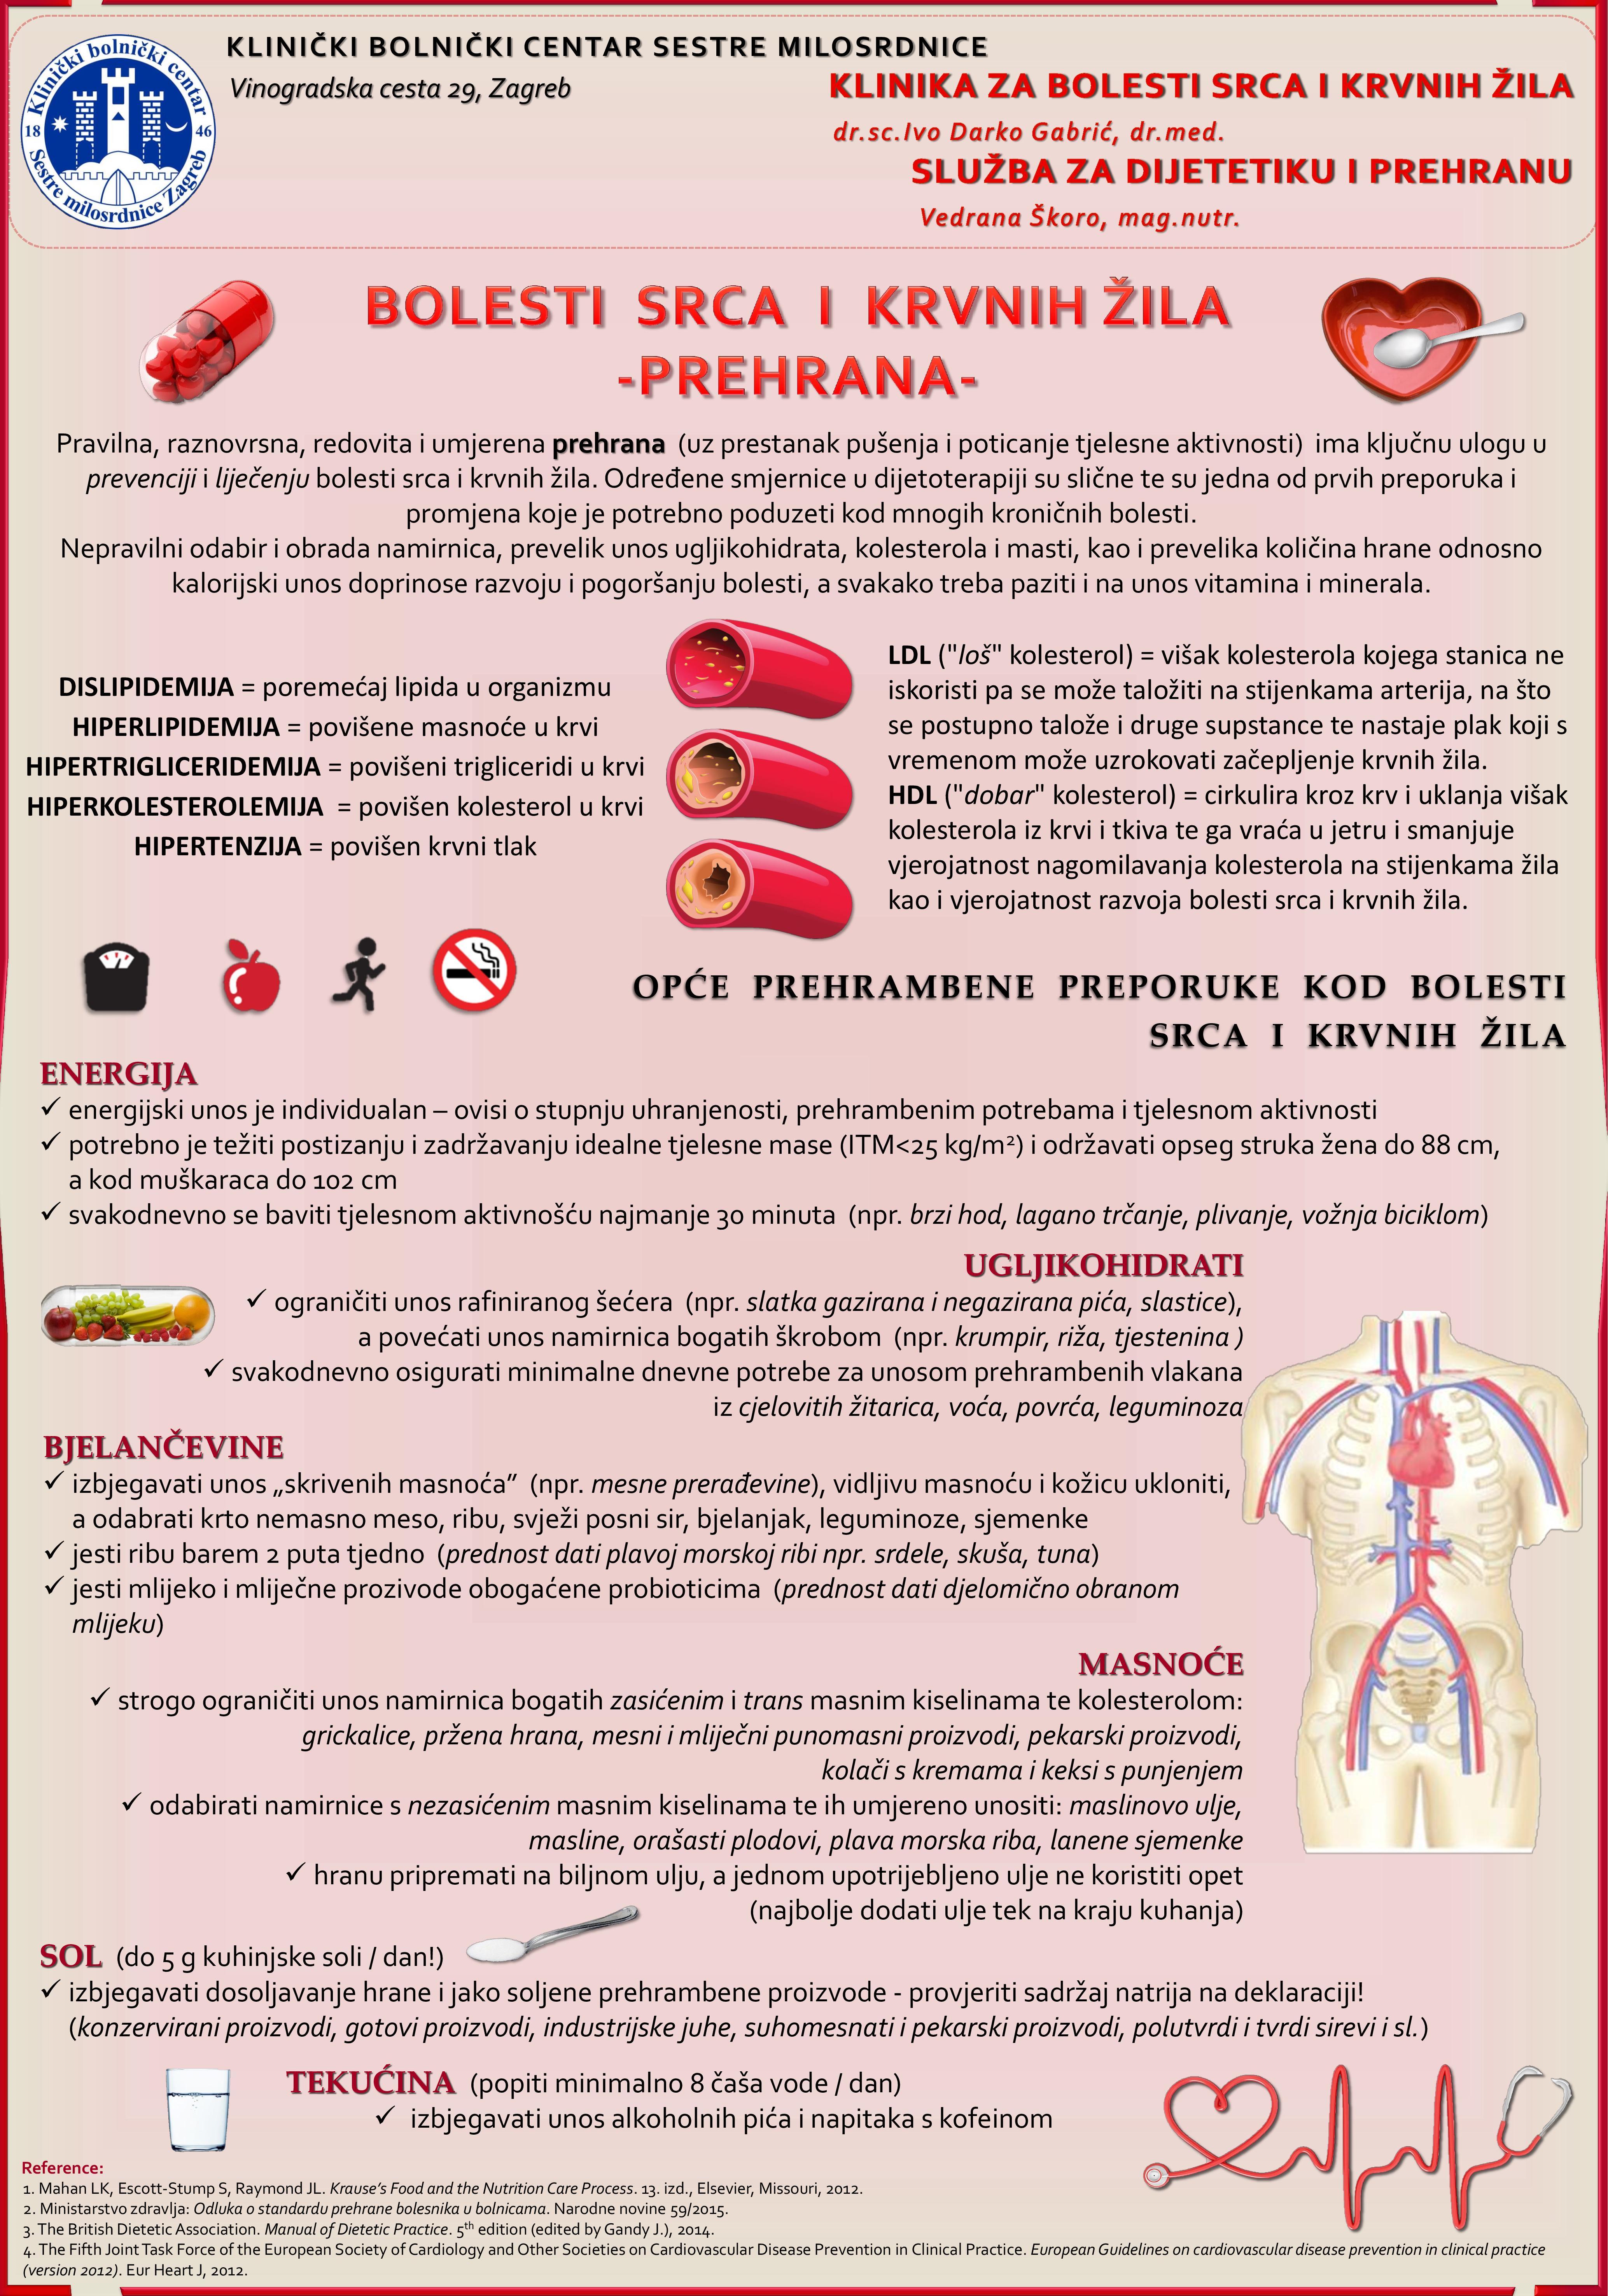 prehrana u bolesnika s koronarnom bolesti srca i hipertenzije